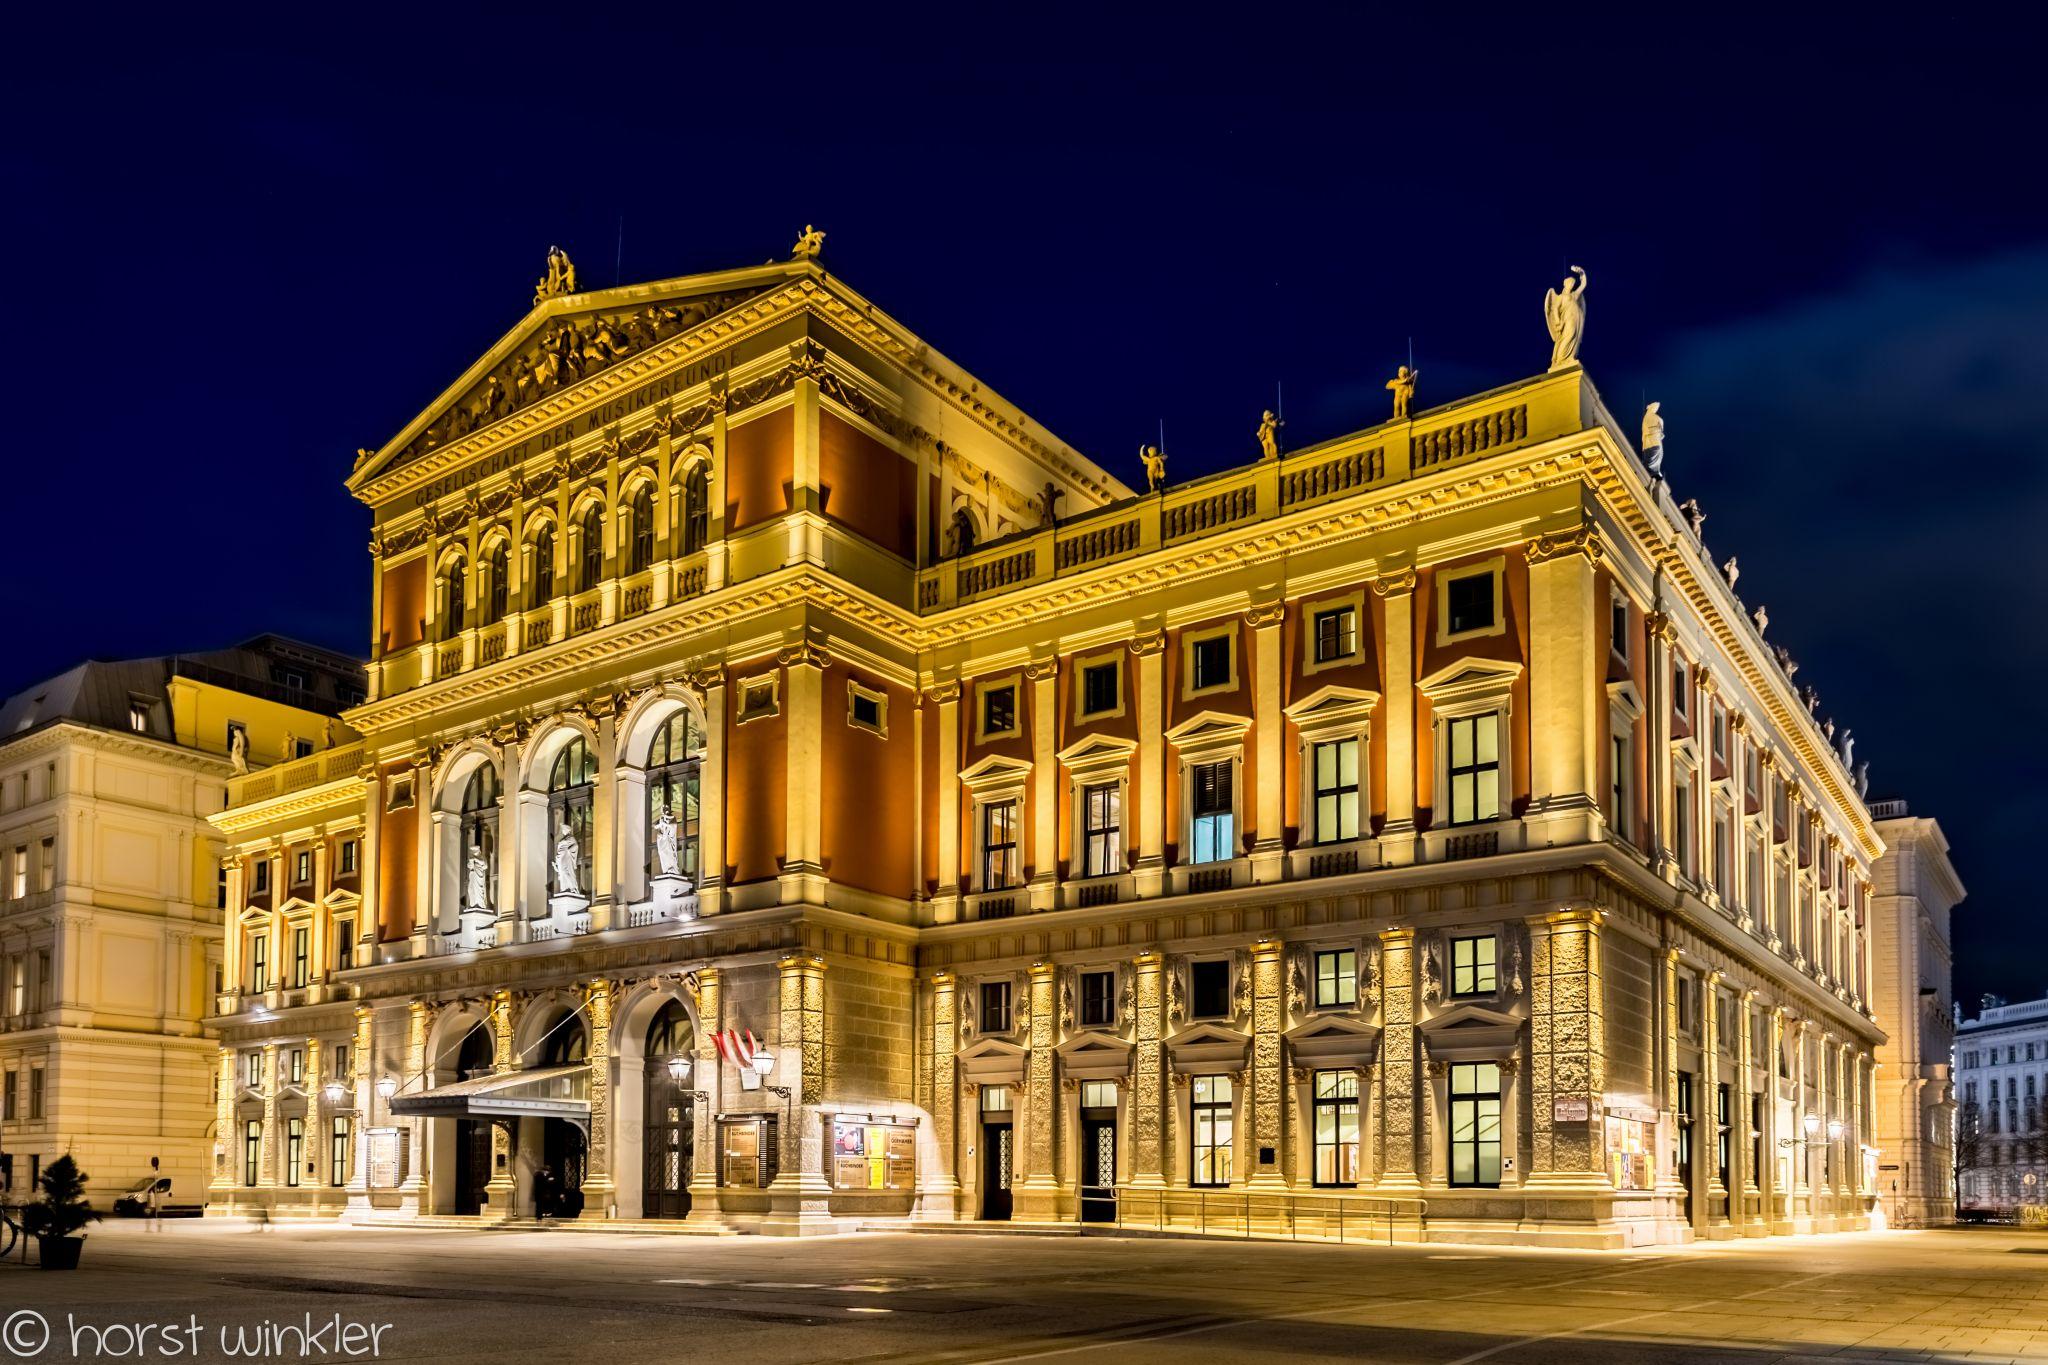 Vienna Musikverein, Austria